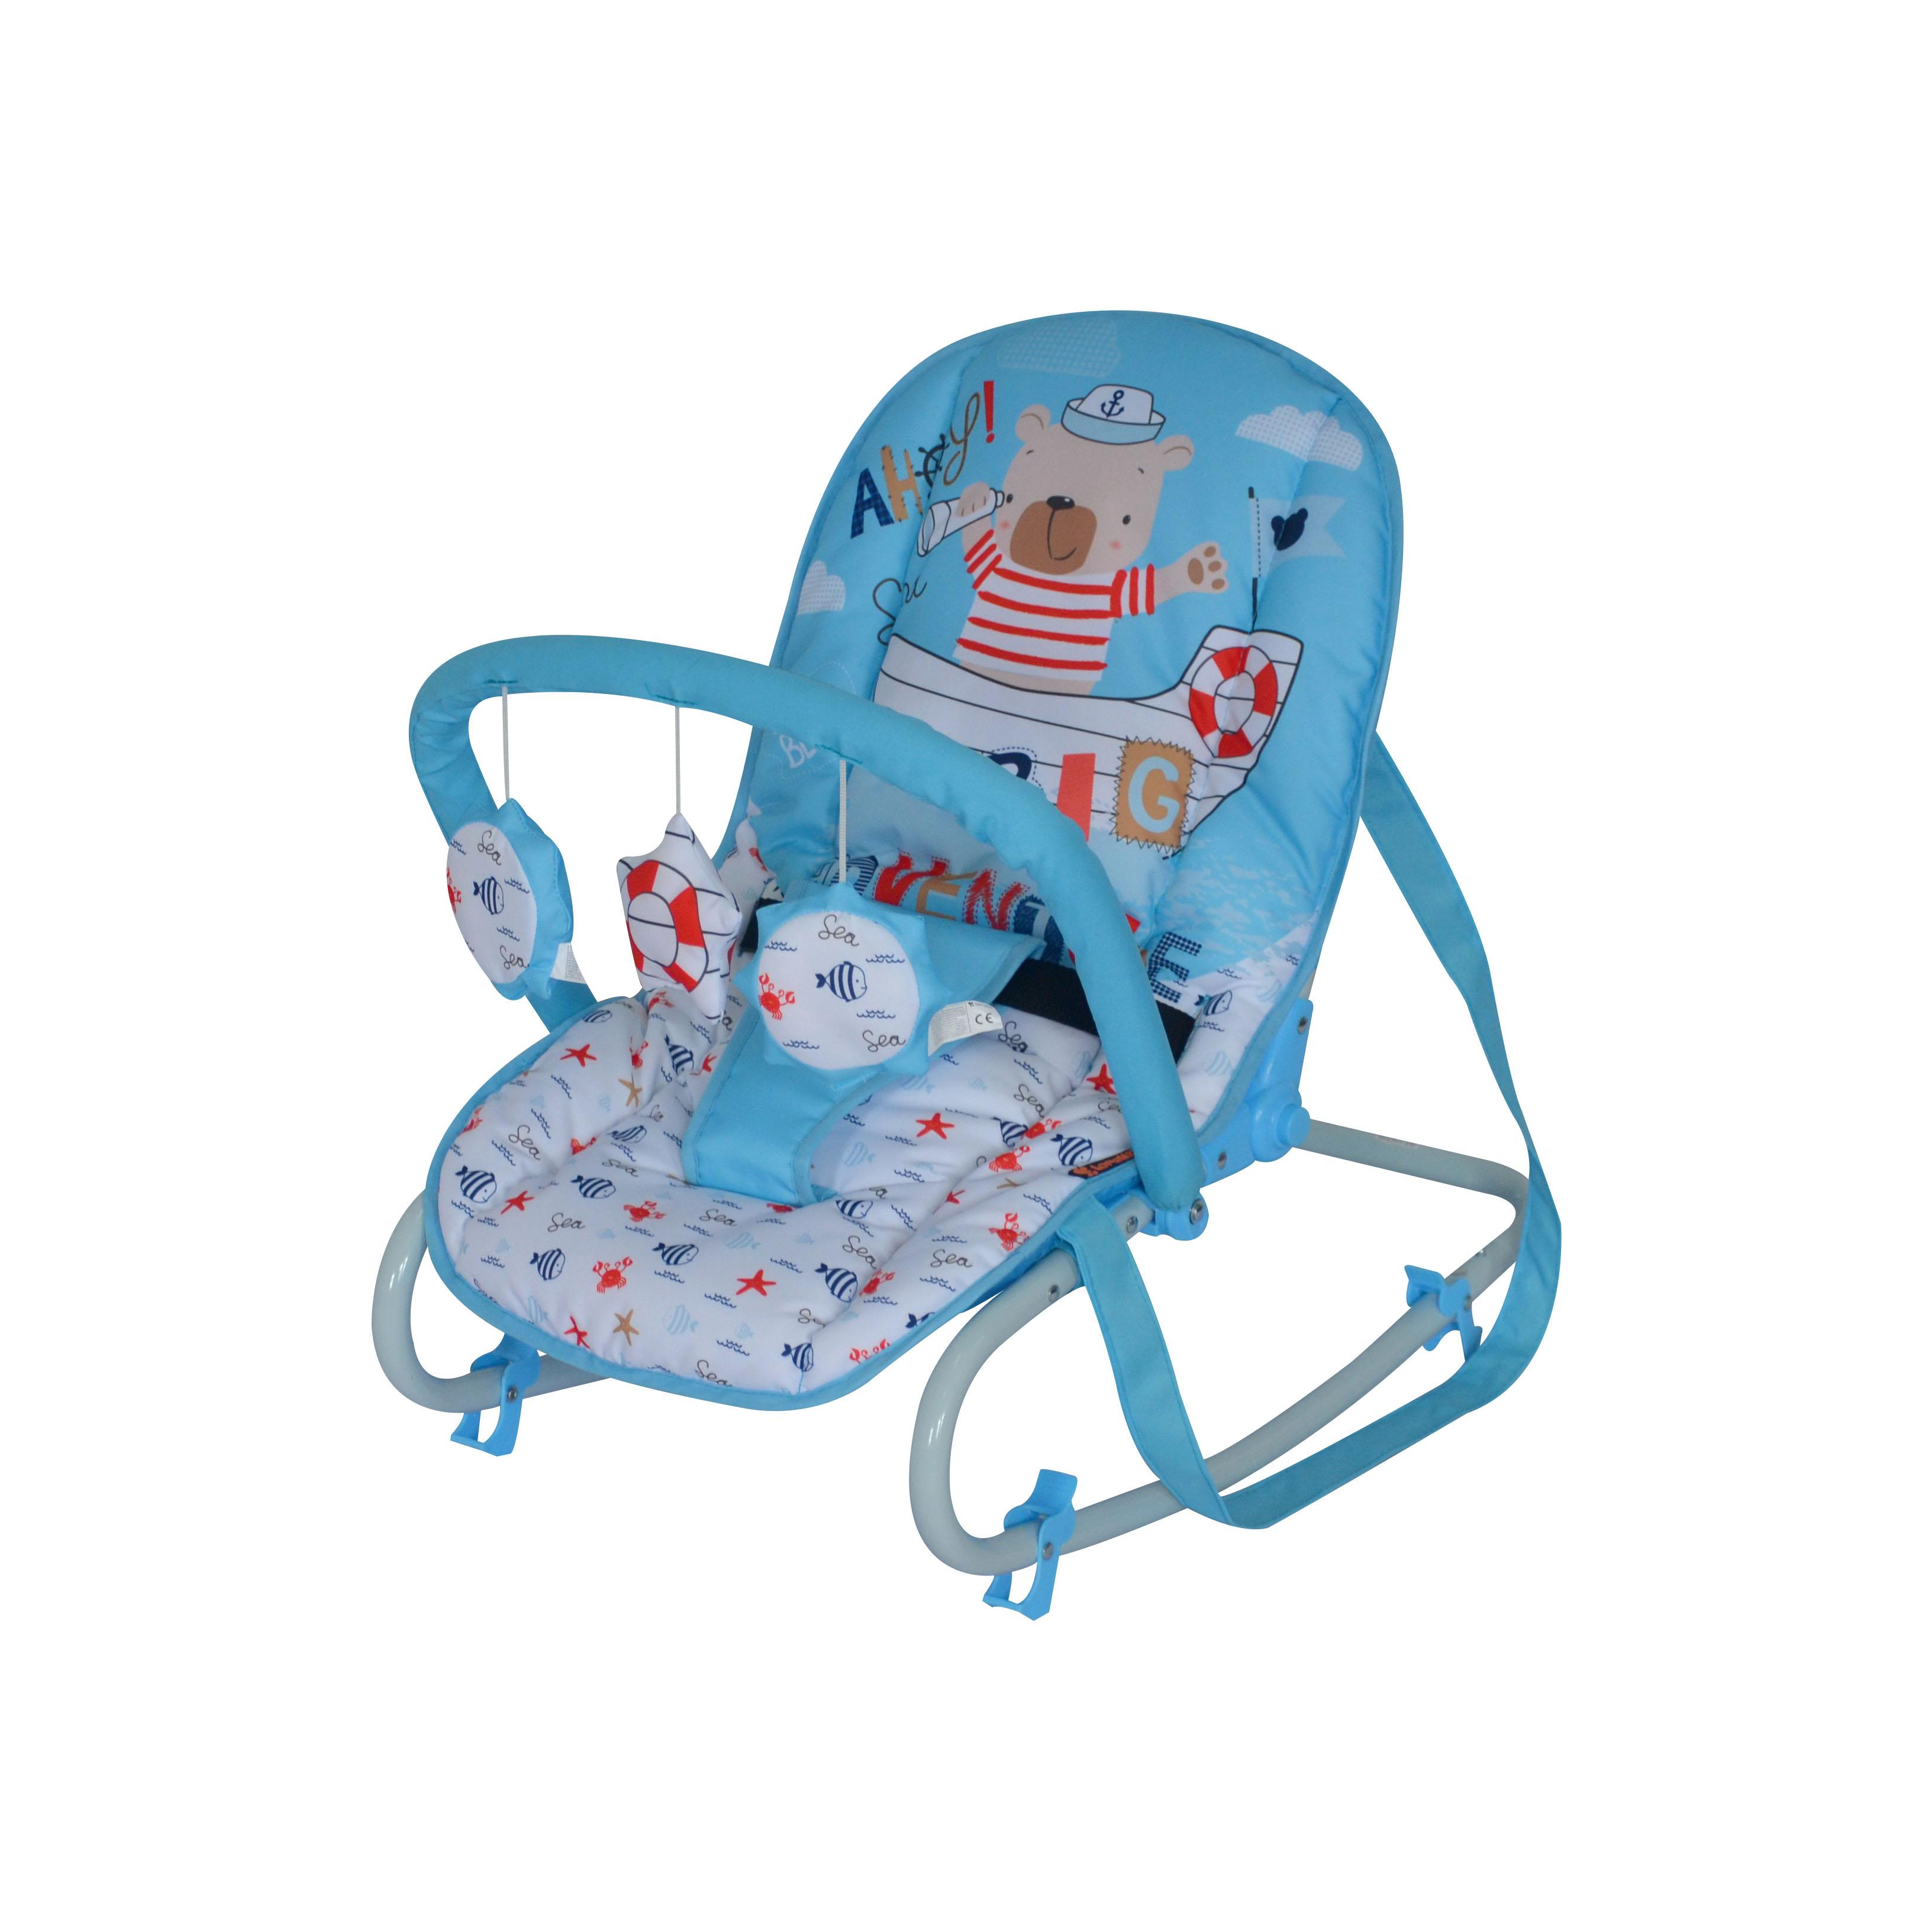 Шезлонг для новорожденных Lorelli top relax, 10110021923 голубой bertoni lorelli шезлонг качалка 3 в 1 chill out